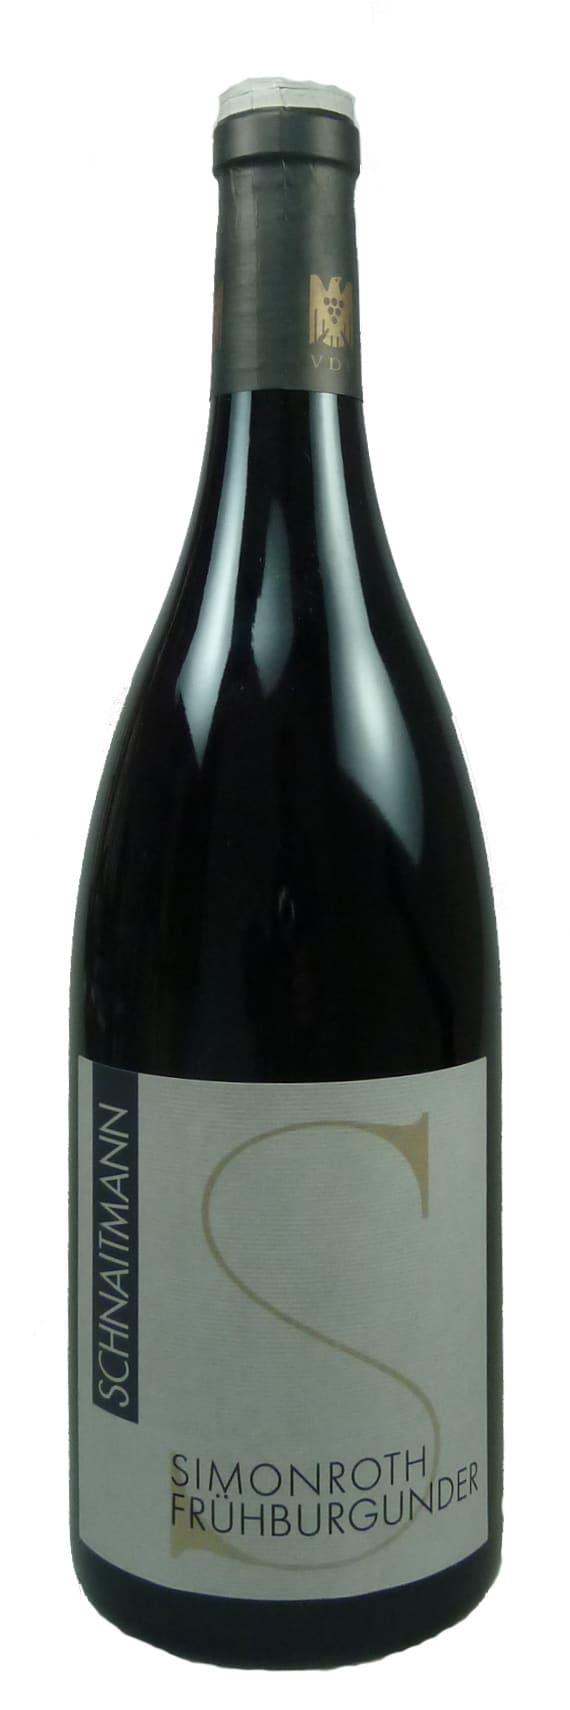 Simonroth Frühburgunder Qualitätswein trocken 2016